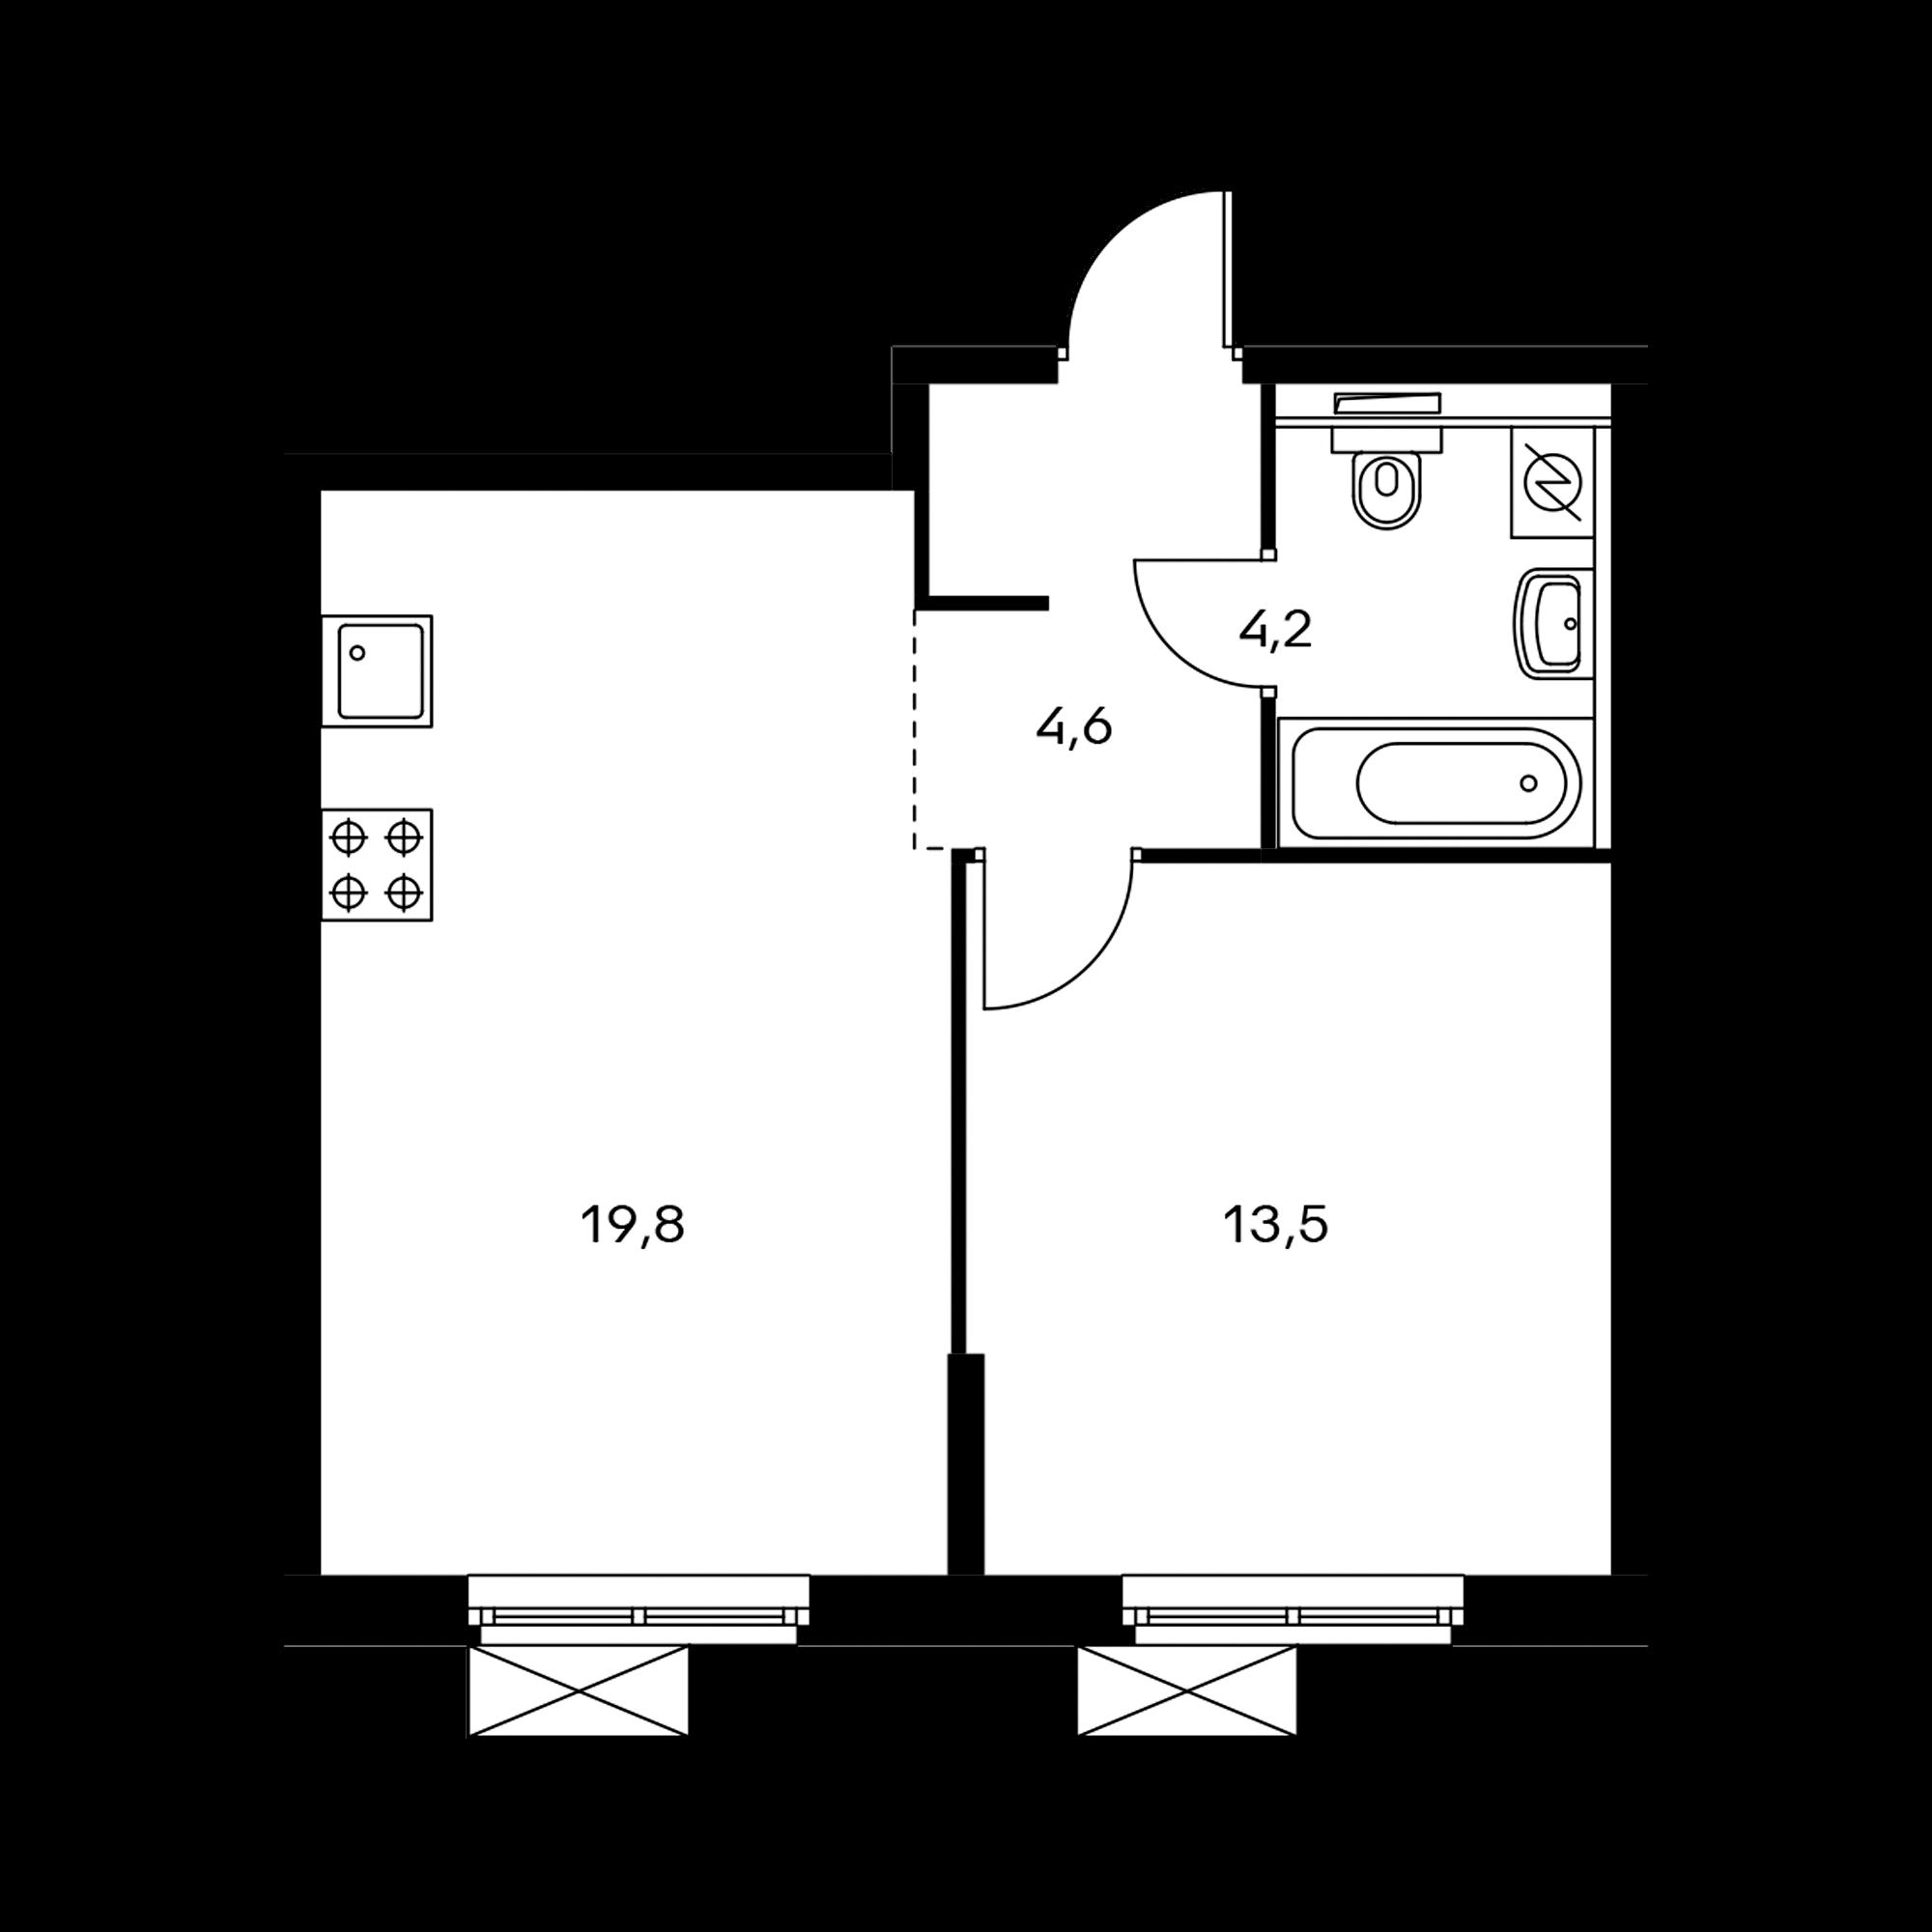 1EL3_7.2-1_S_Z